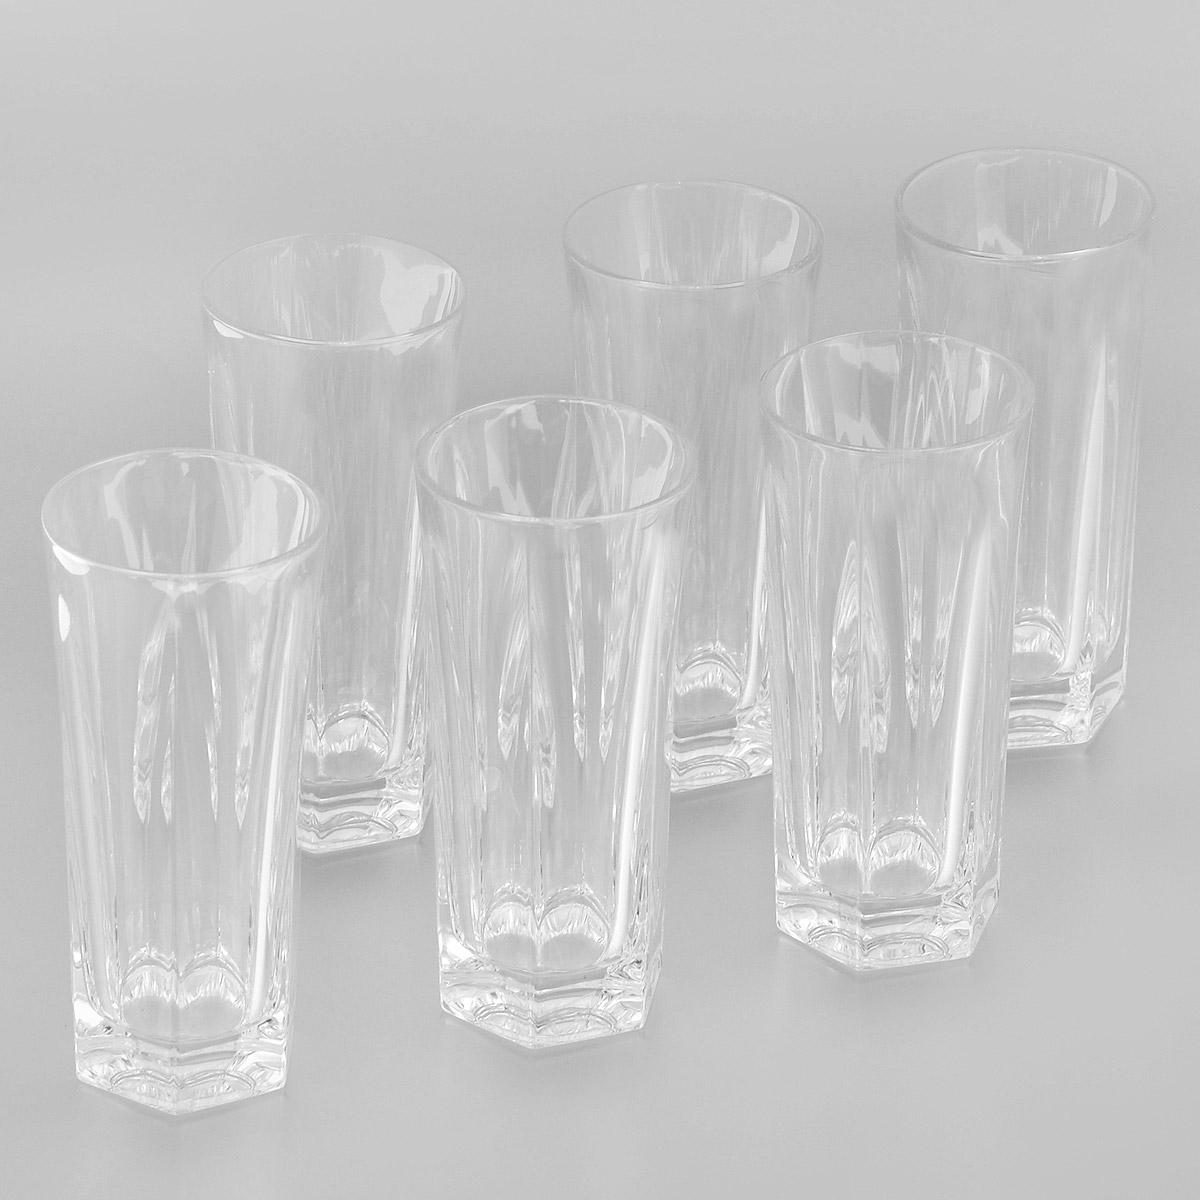 Набор стаканов для воды Crystal Bohemia, 350 мл, 6 шт990/21300/0/44600/350-609Набор для воды Crystal Bohemia состоит из шести граненых стаканов. Изделия выполнены из прочного высококачественного хрусталя. Они излучают приятный блеск и издают мелодичный звон. Набор предназначен для подачи воды. Набор Crystal Bohemia прекрасно оформит интерьер кабинета или гостиной и станет отличным дополнением бара. Такой набор также станет хорошим подарком к любому случаю. Диаметр по верхнему краю: 7 см.Высота стакана: 15,5 см.Диаметр основания: 6 см.